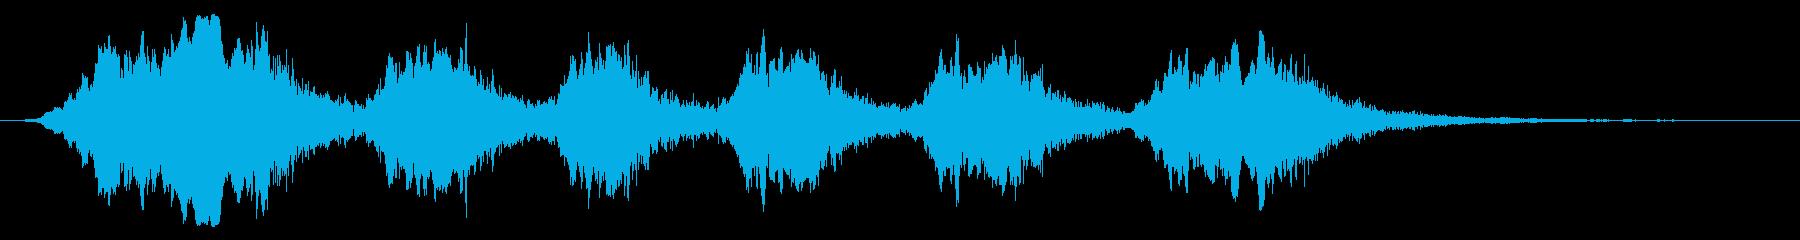 大きな孔雀:呼び出しの再生済みの波形